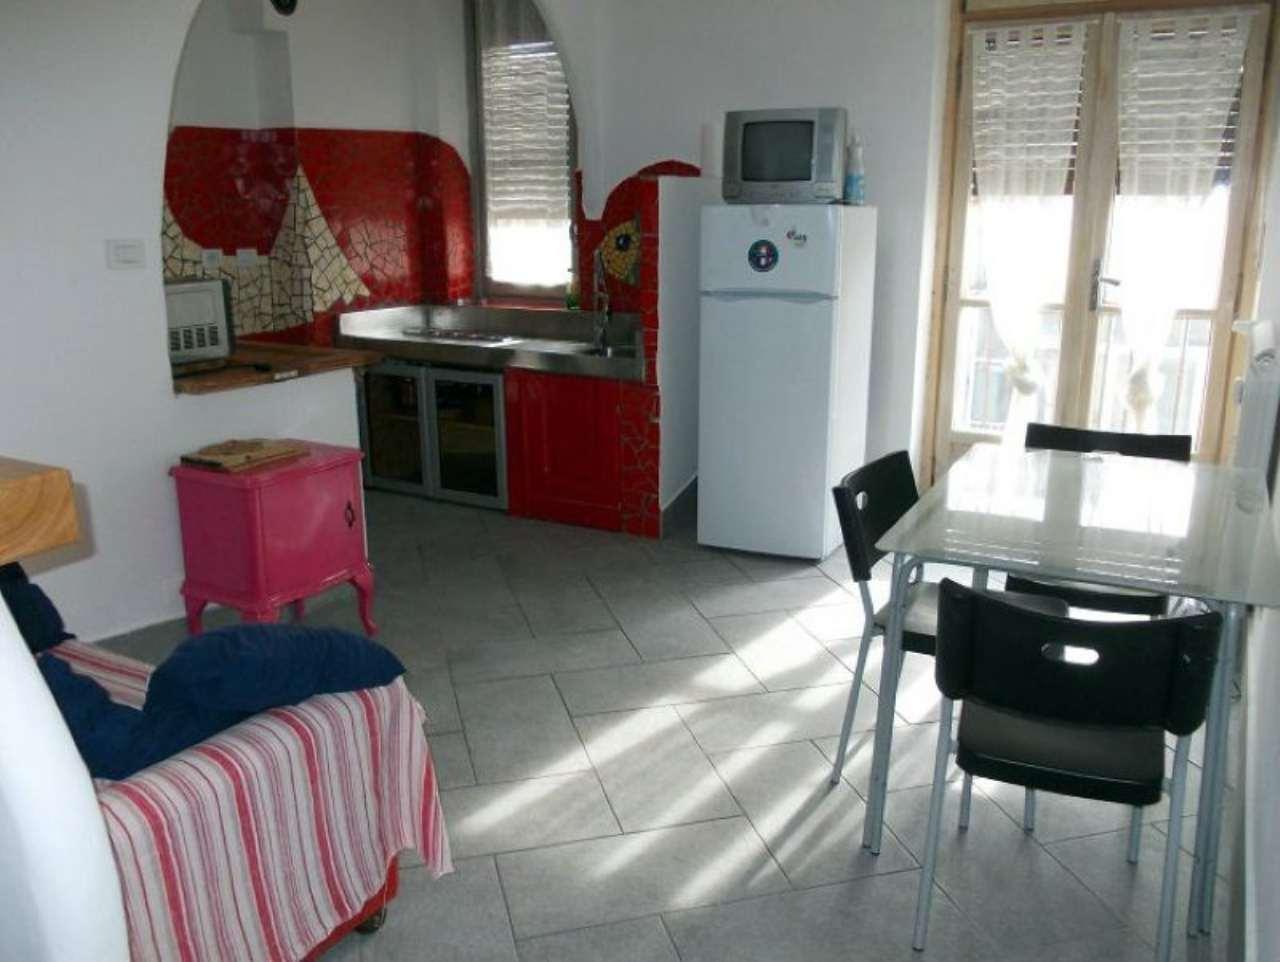 Attico / Mansarda in affitto a Torino, 3 locali, zona Zona: 8 . San Paolo, Cenisia, prezzo € 650   Cambio Casa.it